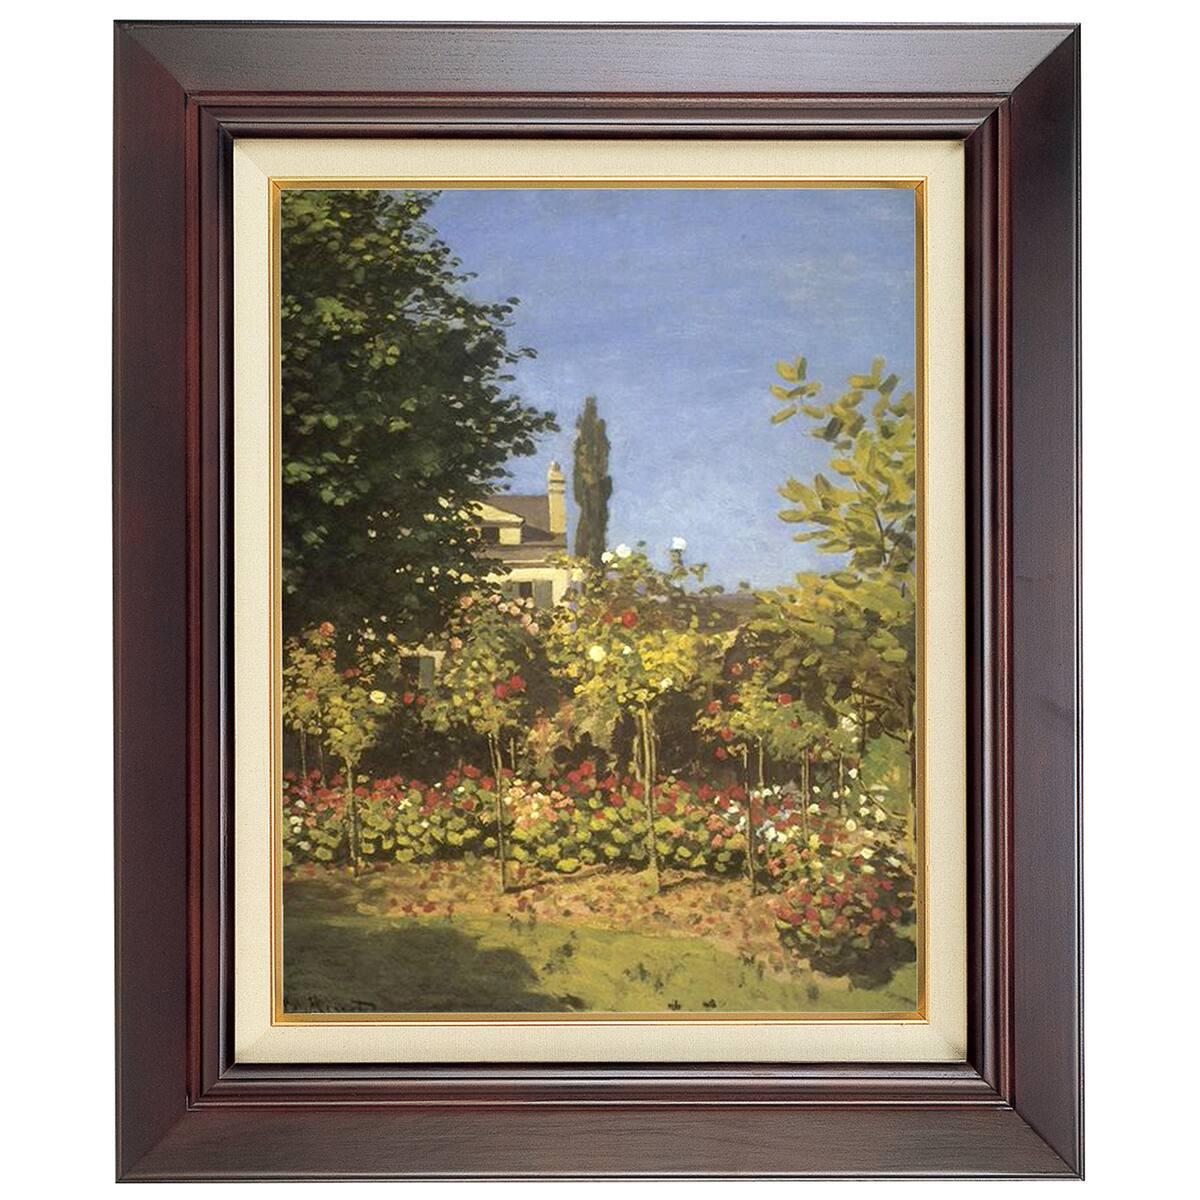 ラーソン・ジュール 油絵用額縁 A140 F3 セピア